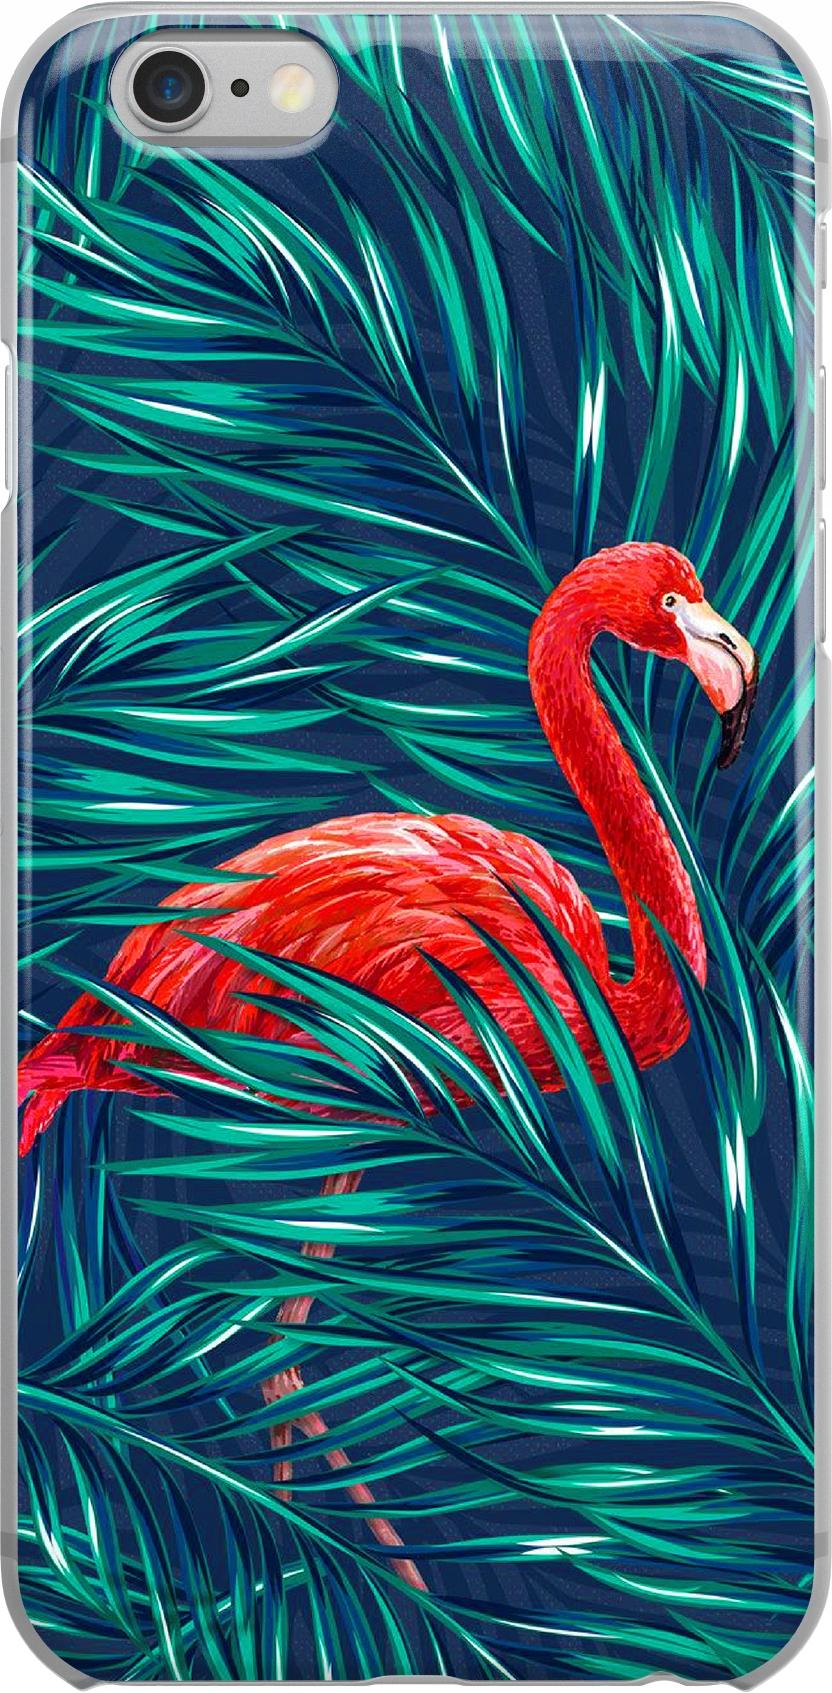 Etui Wzory Flaming2 Huawei W1